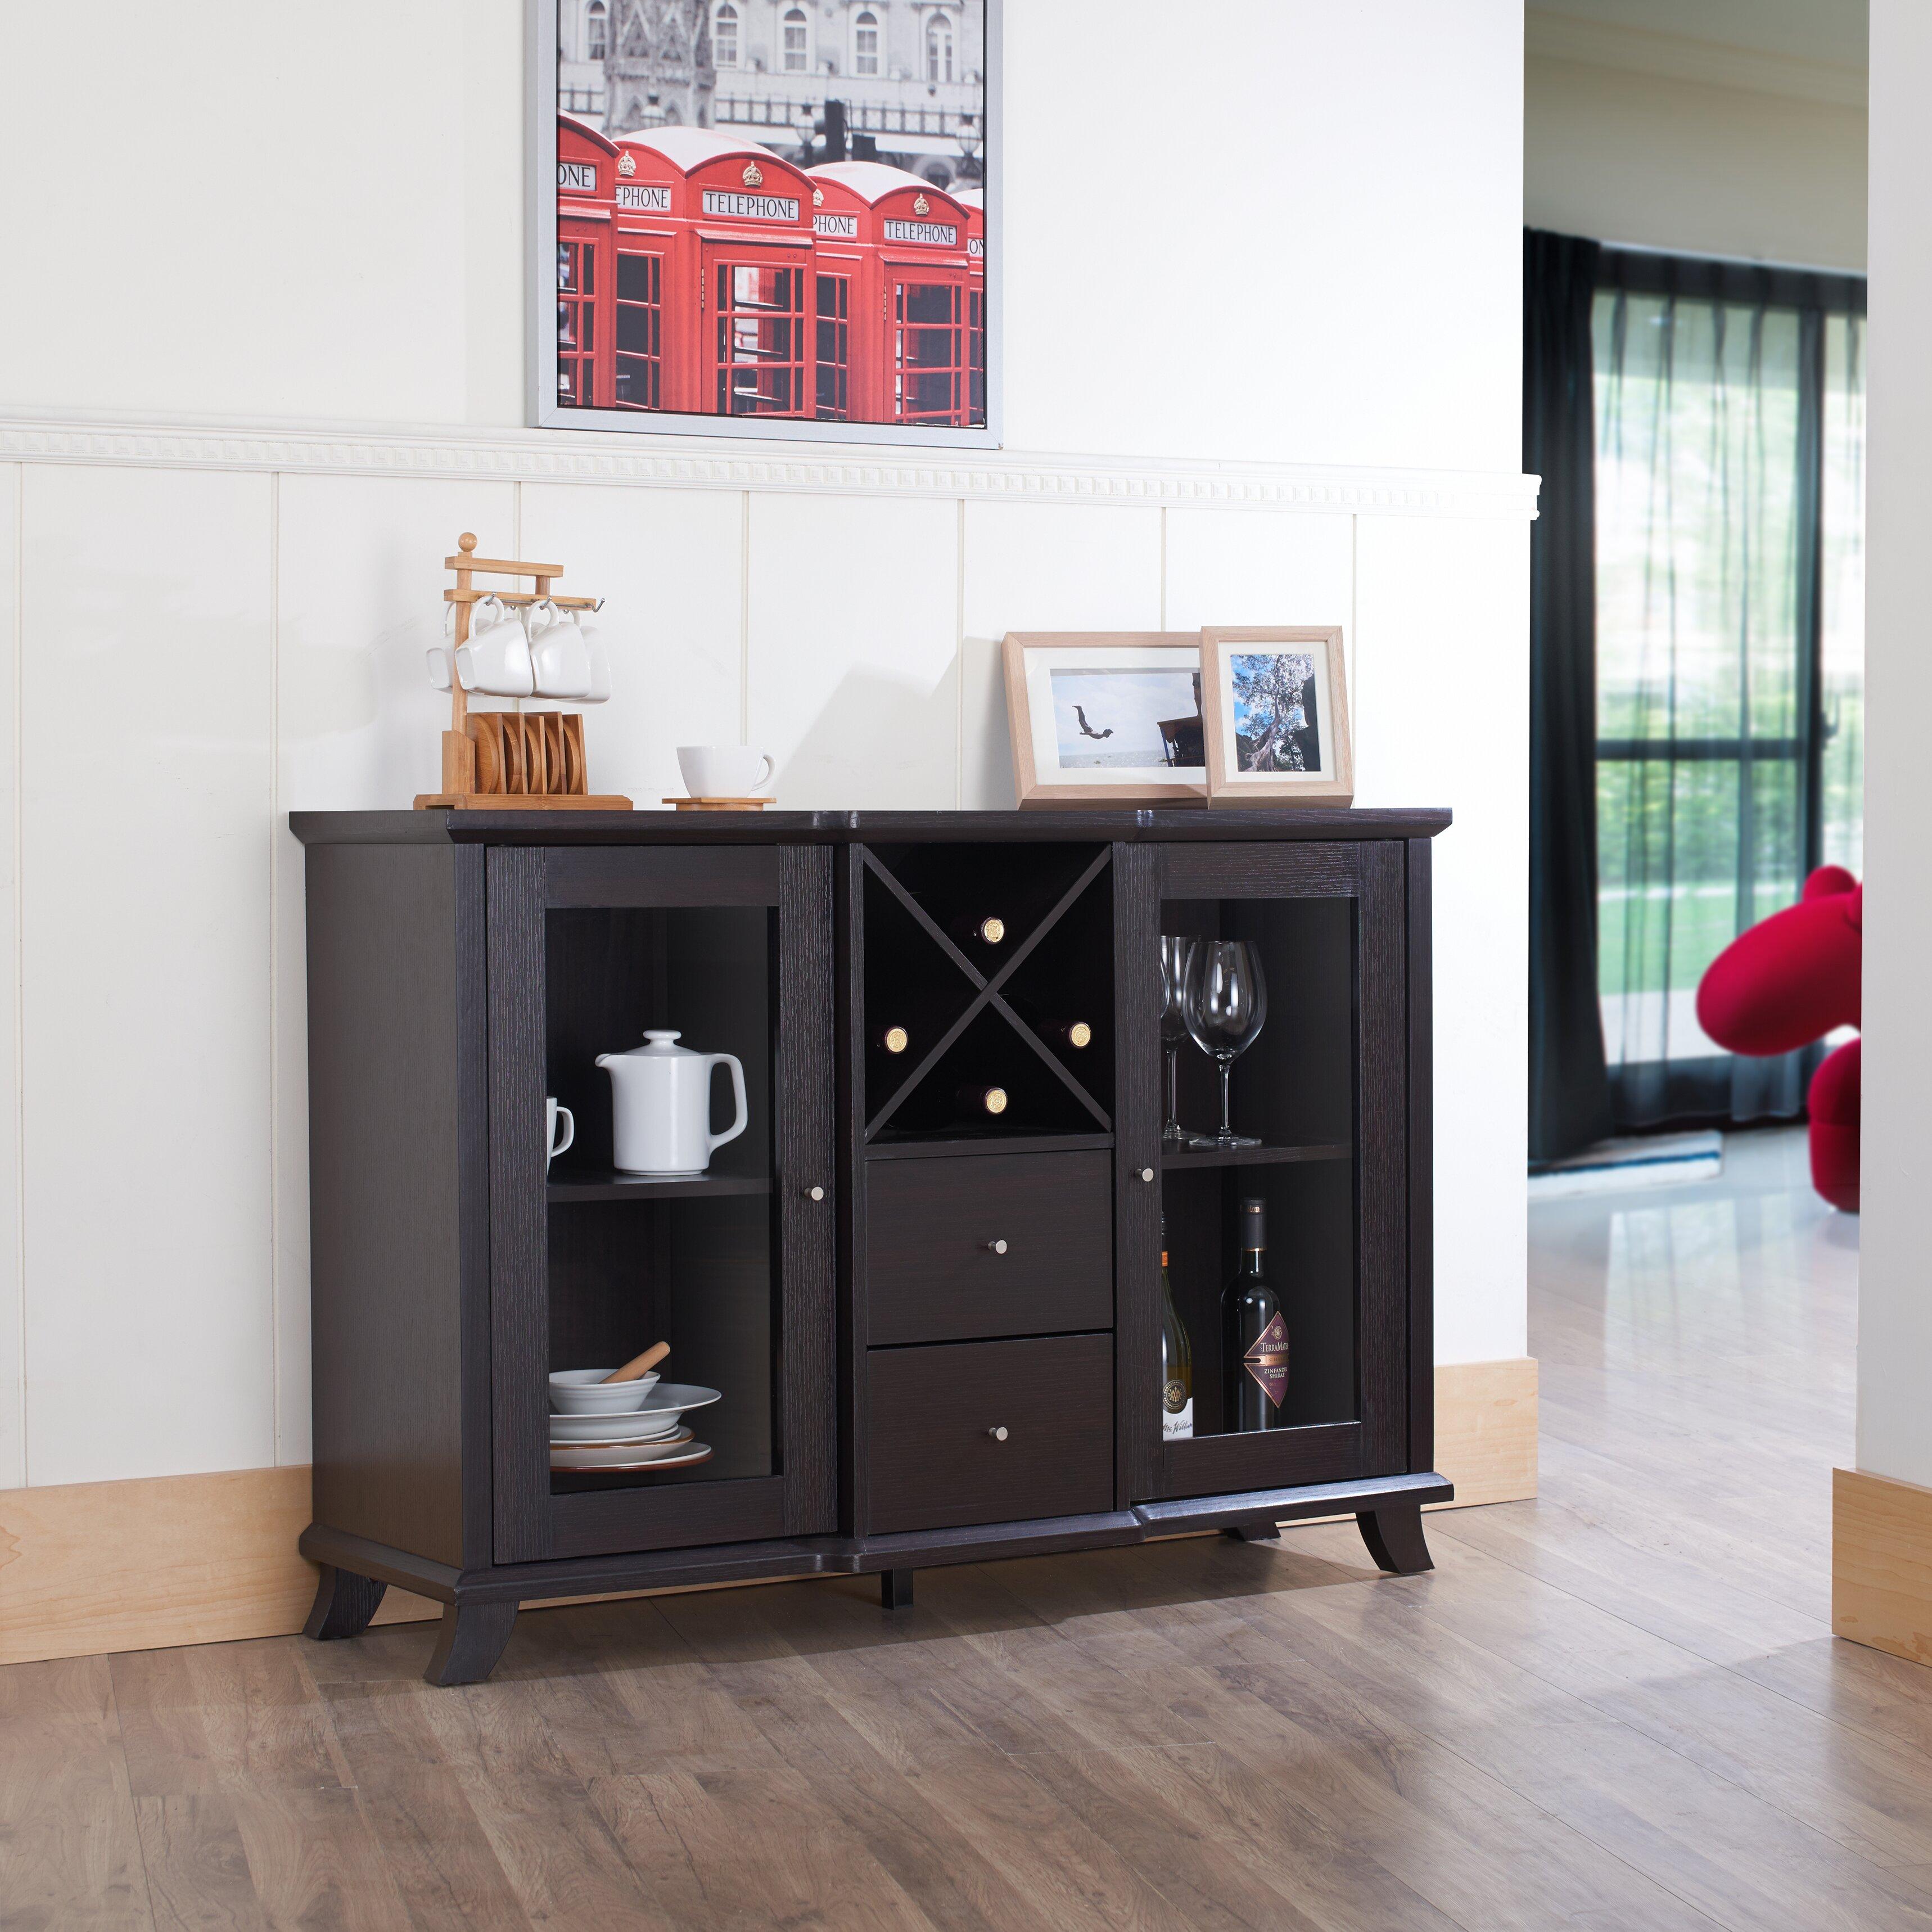 Hokku Designs Venetta Dining Buffet Cabinet & Reviews ...